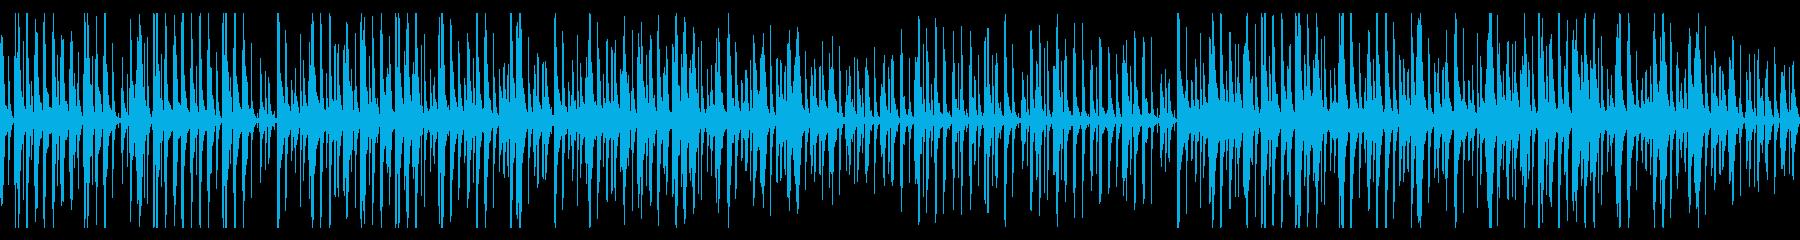 動画にピッタリ木管とアコギのほのぼの日常の再生済みの波形